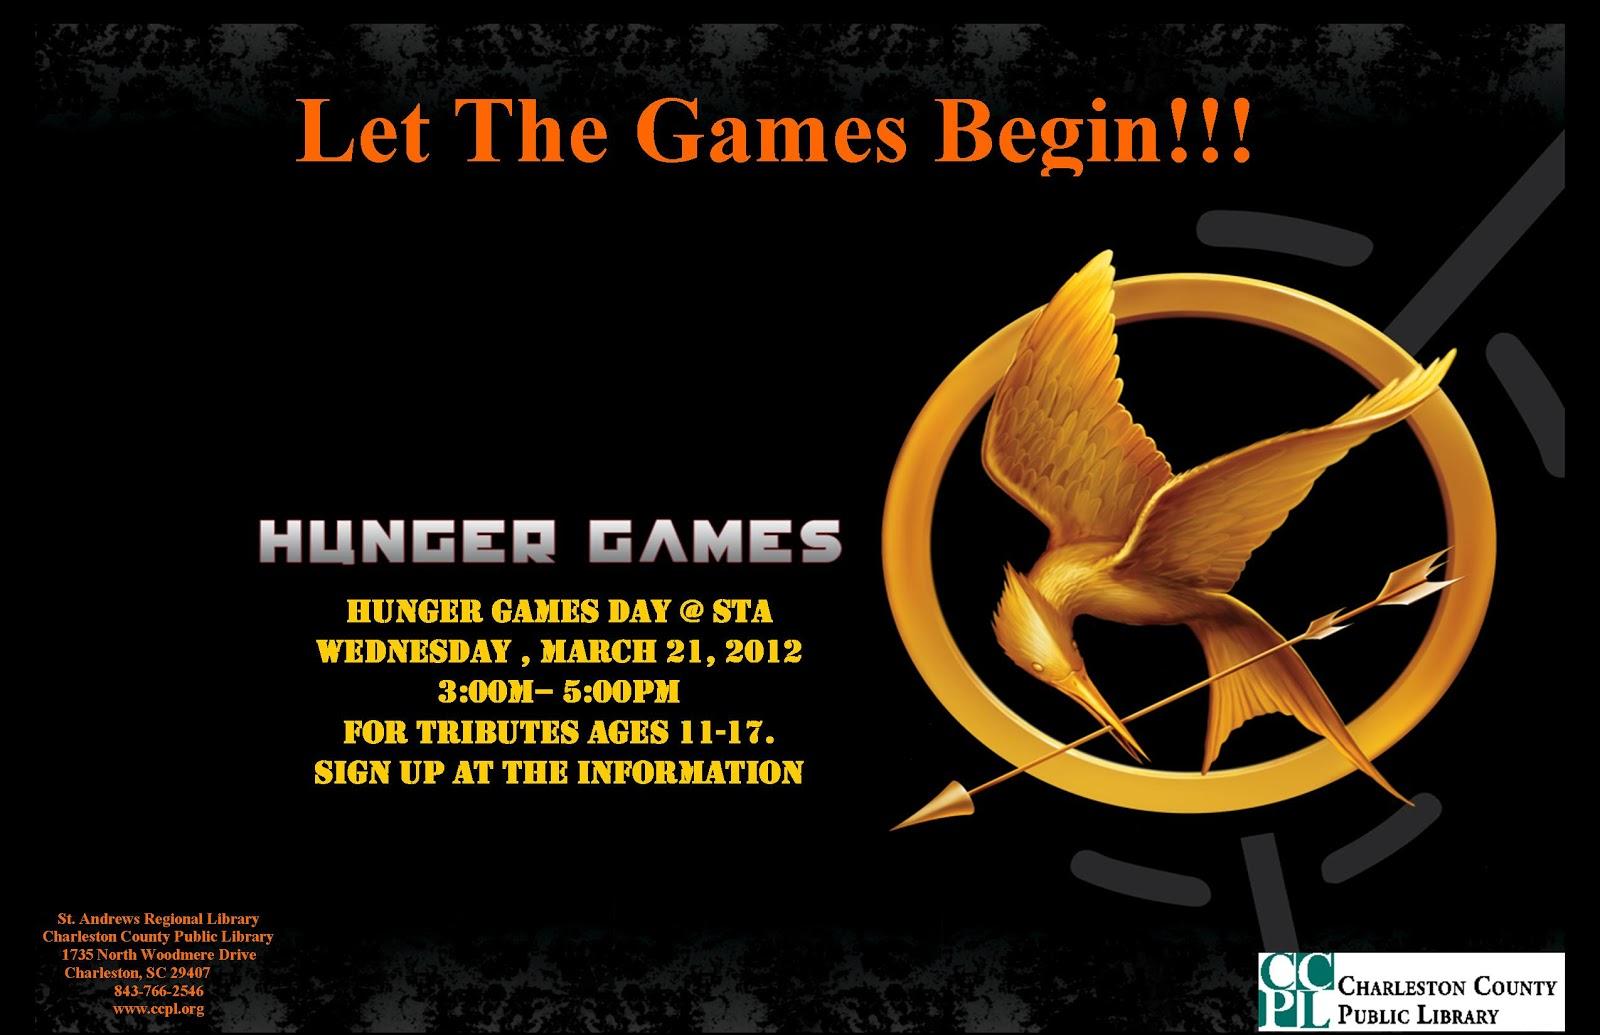 http://4.bp.blogspot.com/-Tzq6WjCVmHM/T2NvboJ8tWI/AAAAAAAAATY/3pLJMqDa4tg/s1600/hunger+games.jpg